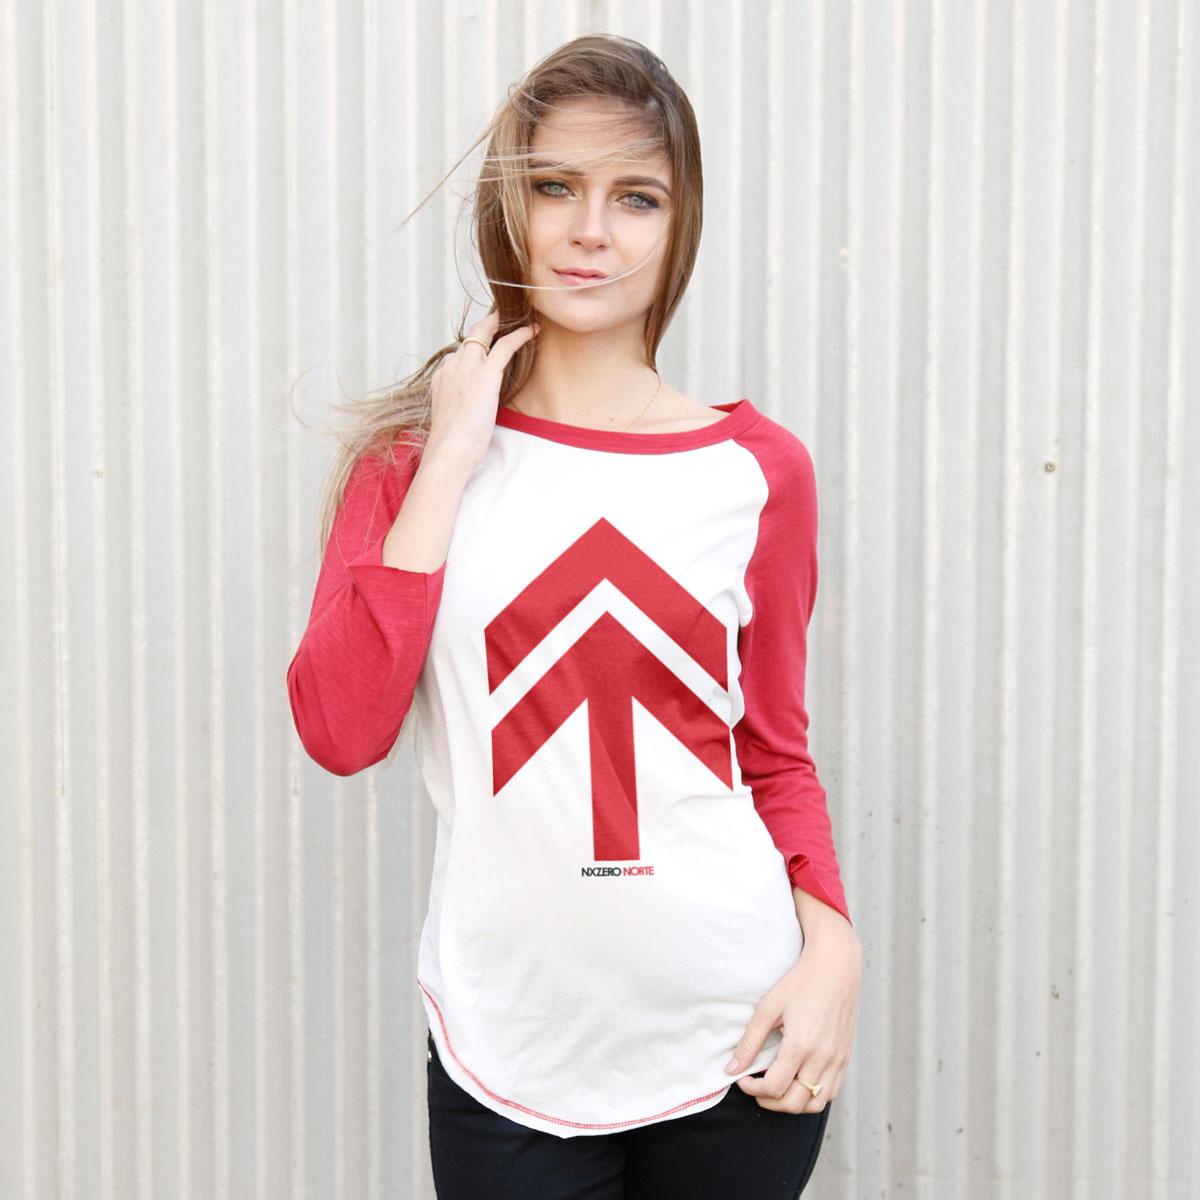 Camiseta Manga Longa Feminina NXZero Norte